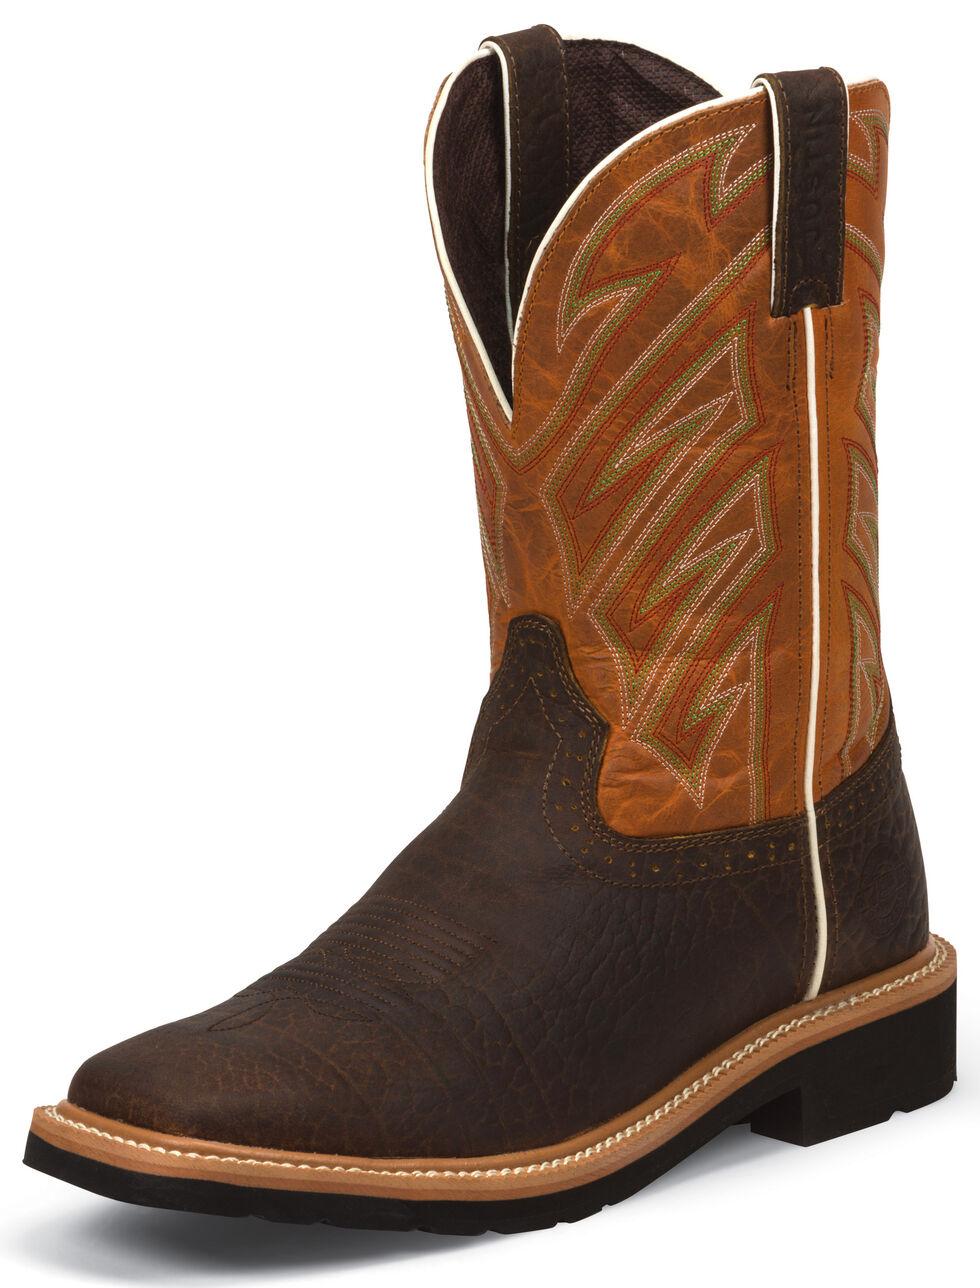 Justin Men's Stampede Electrician EH Work Boots - Soft Toe, Chestnut, hi-res